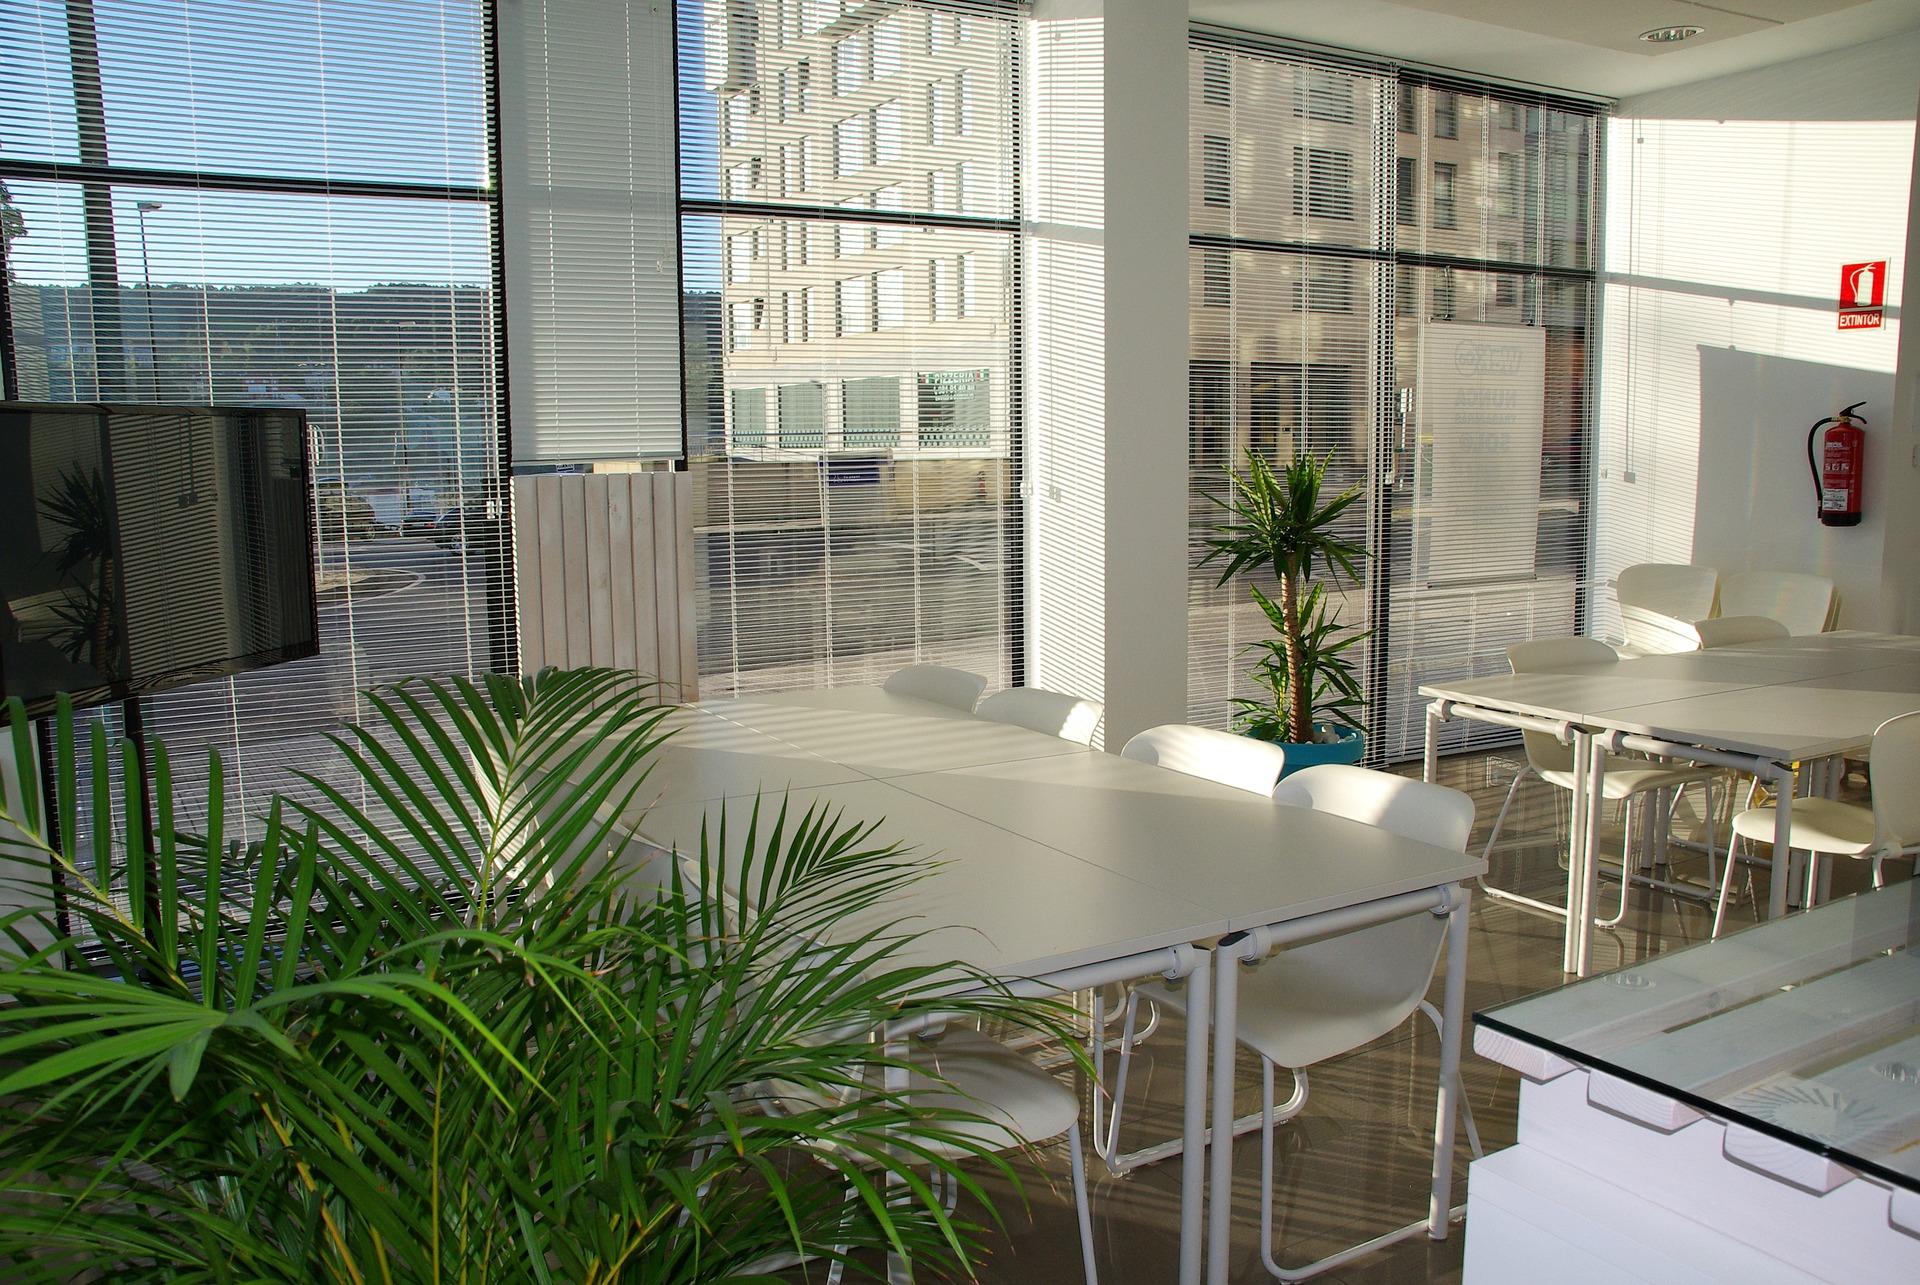 office-space-1744801_1920.jpg